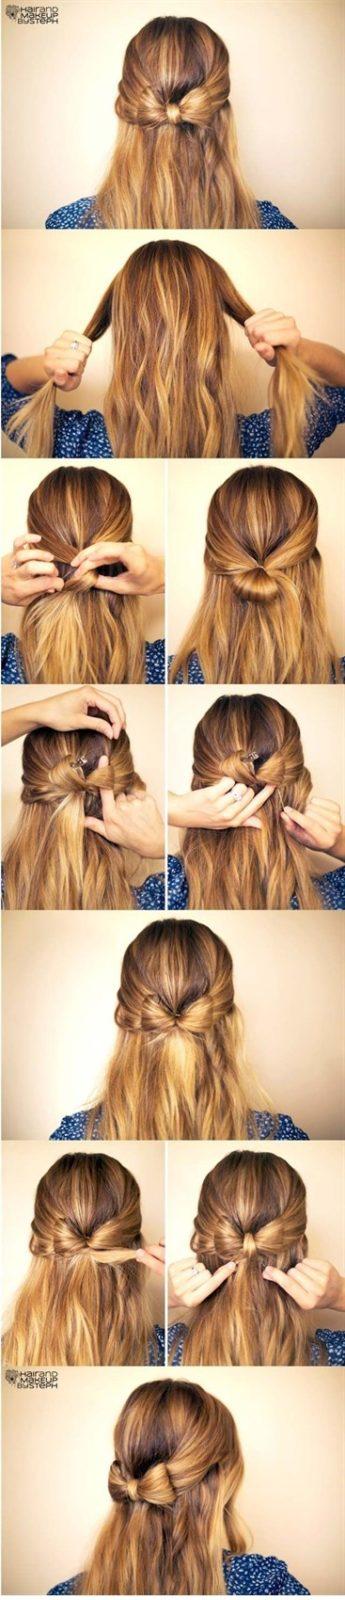 Прически на длинные волосы: бант из волос